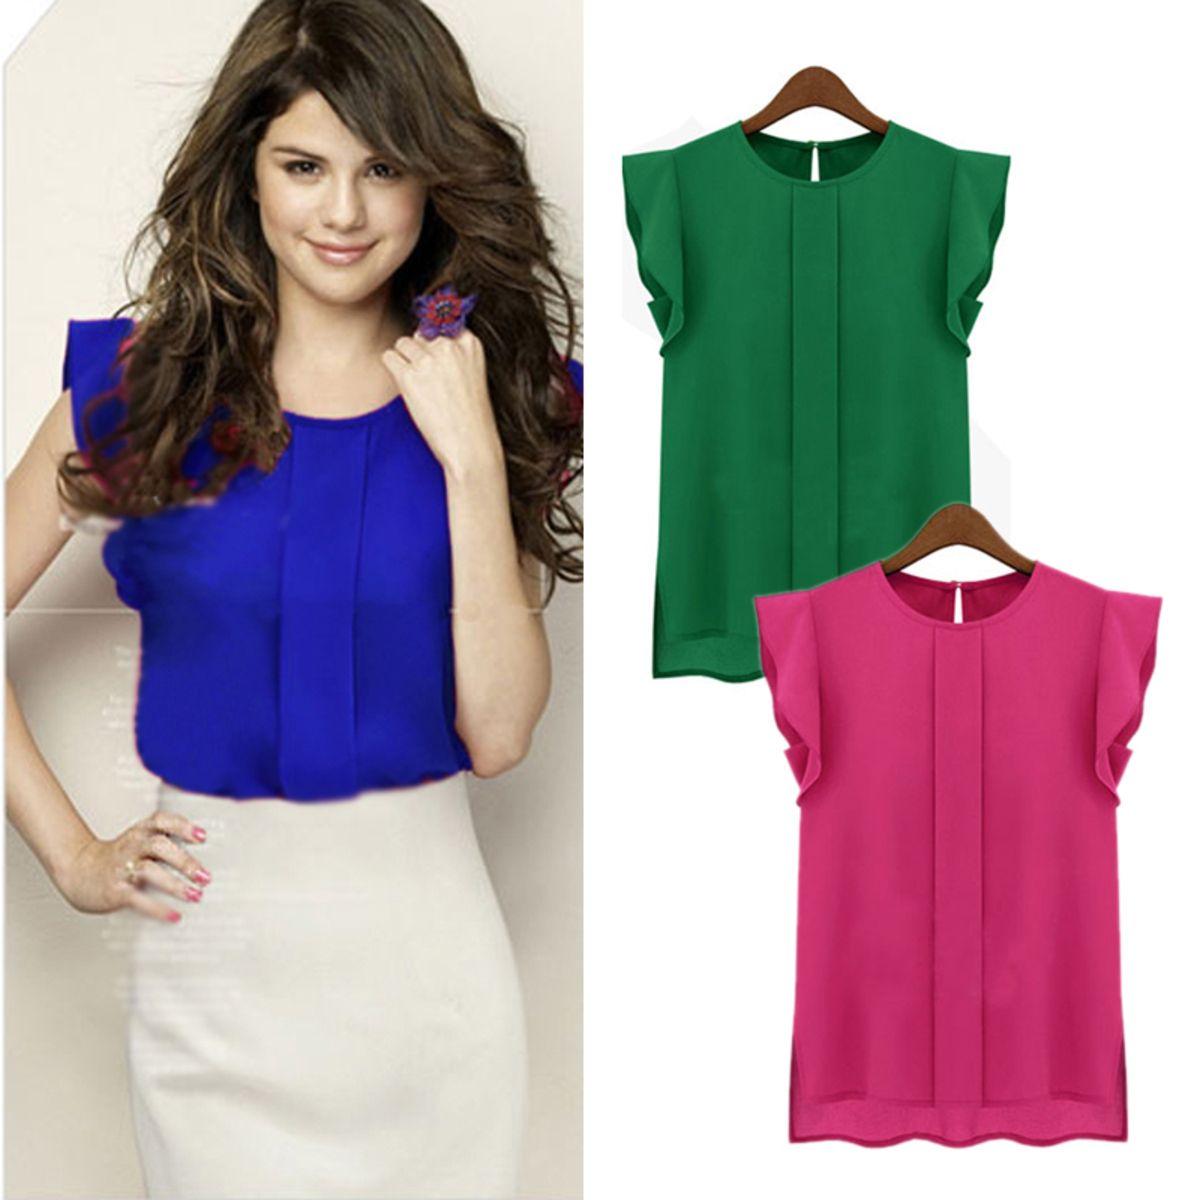 991f8988b0 Comprar roupas femininas online